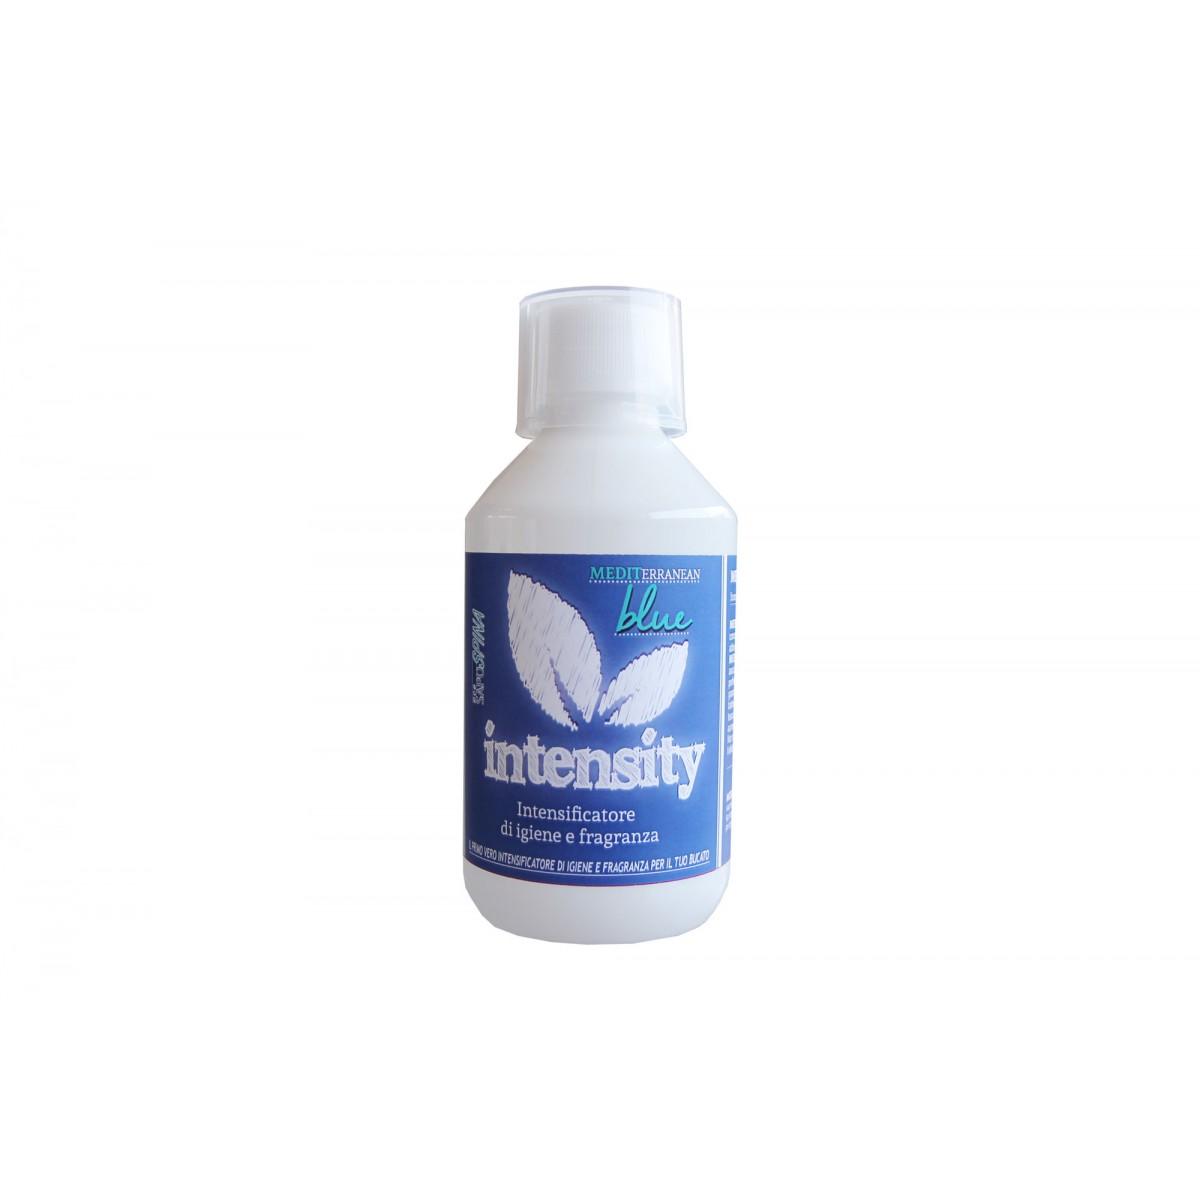 Koncentrát pre posilnenie hygieny a aróm Stredomoria, 250 ml